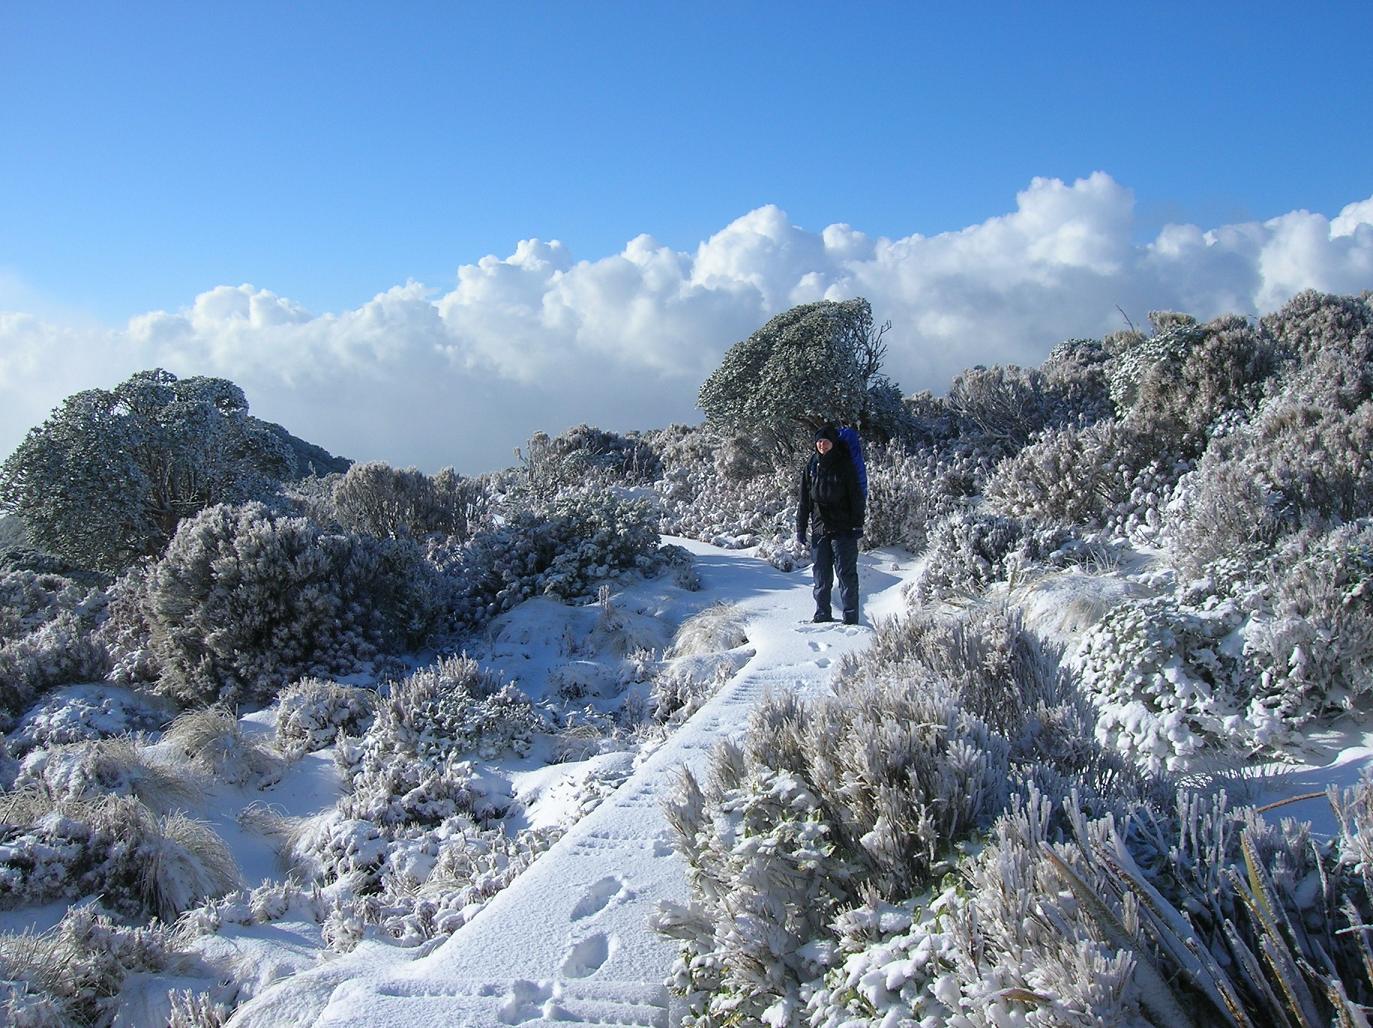 Babs, ein Schneezwerg auf Wanderschaft